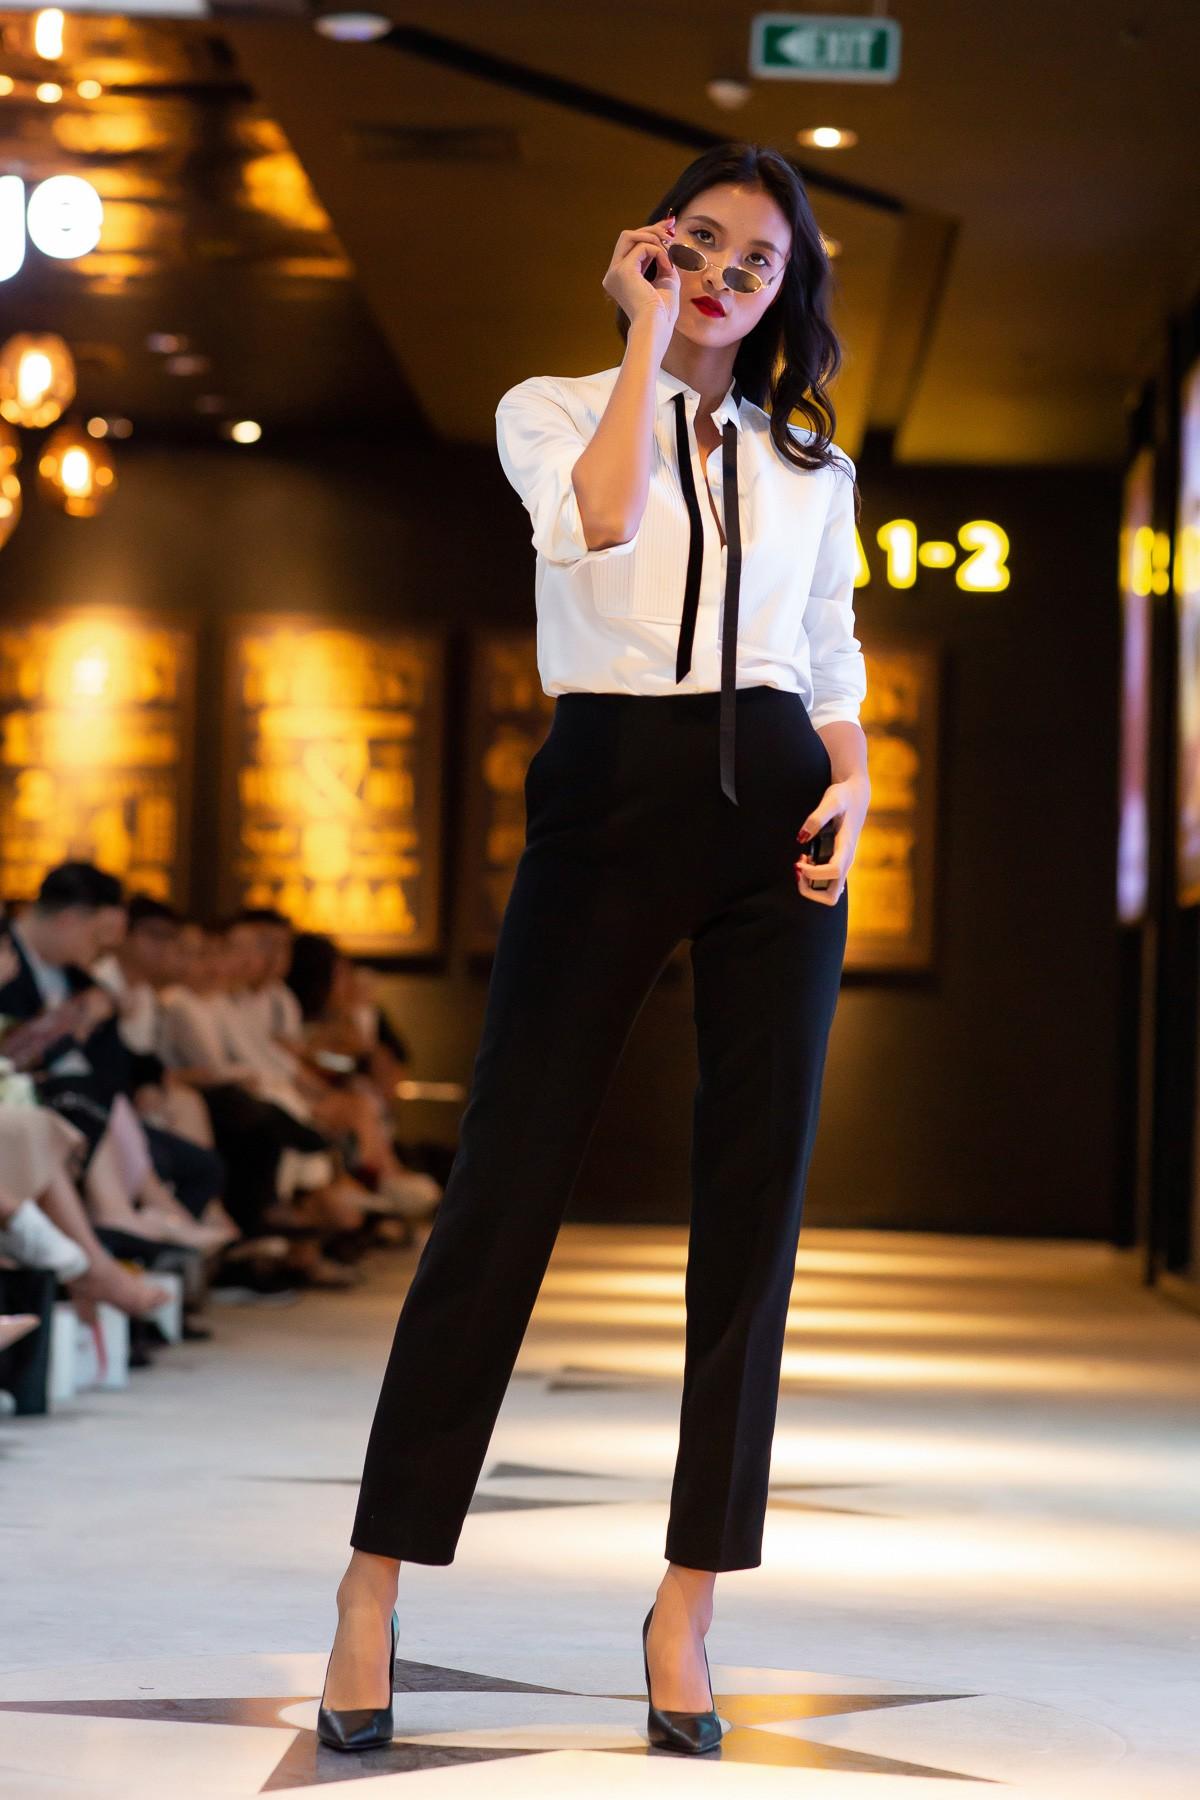 Dàn sao Gái Già Lắm Chiêu 2 bất ngờ gây náo loạn sàn catwalk, chinh phục công chúng bằng BTS ấn tượng của Lâm Gia Khang - Ảnh 9.